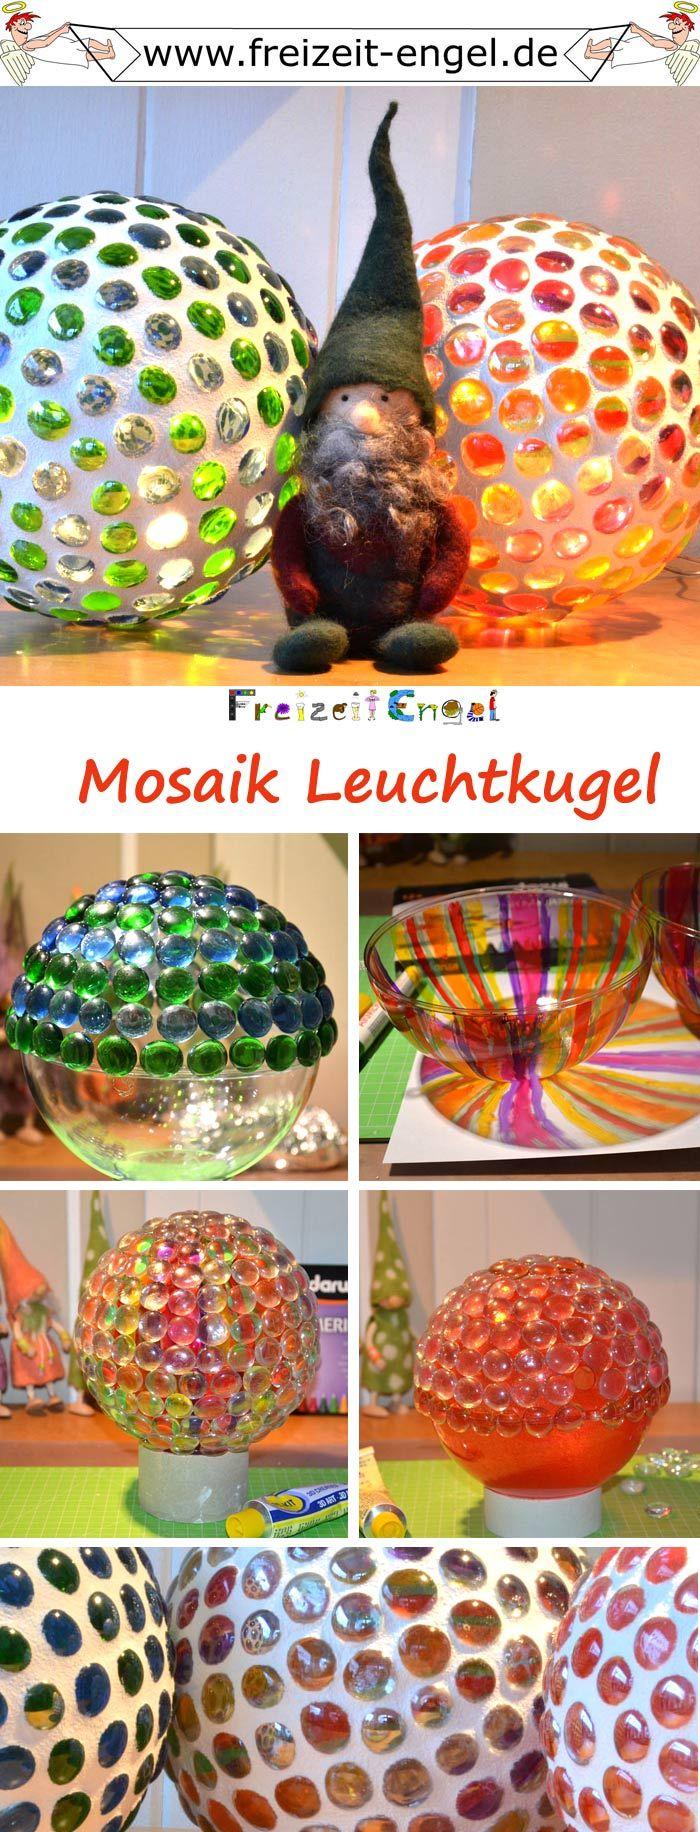 mosaik leuchtkugel mit glas nuggets eine kunststoffkugel best cken lichterkette rein und ber. Black Bedroom Furniture Sets. Home Design Ideas